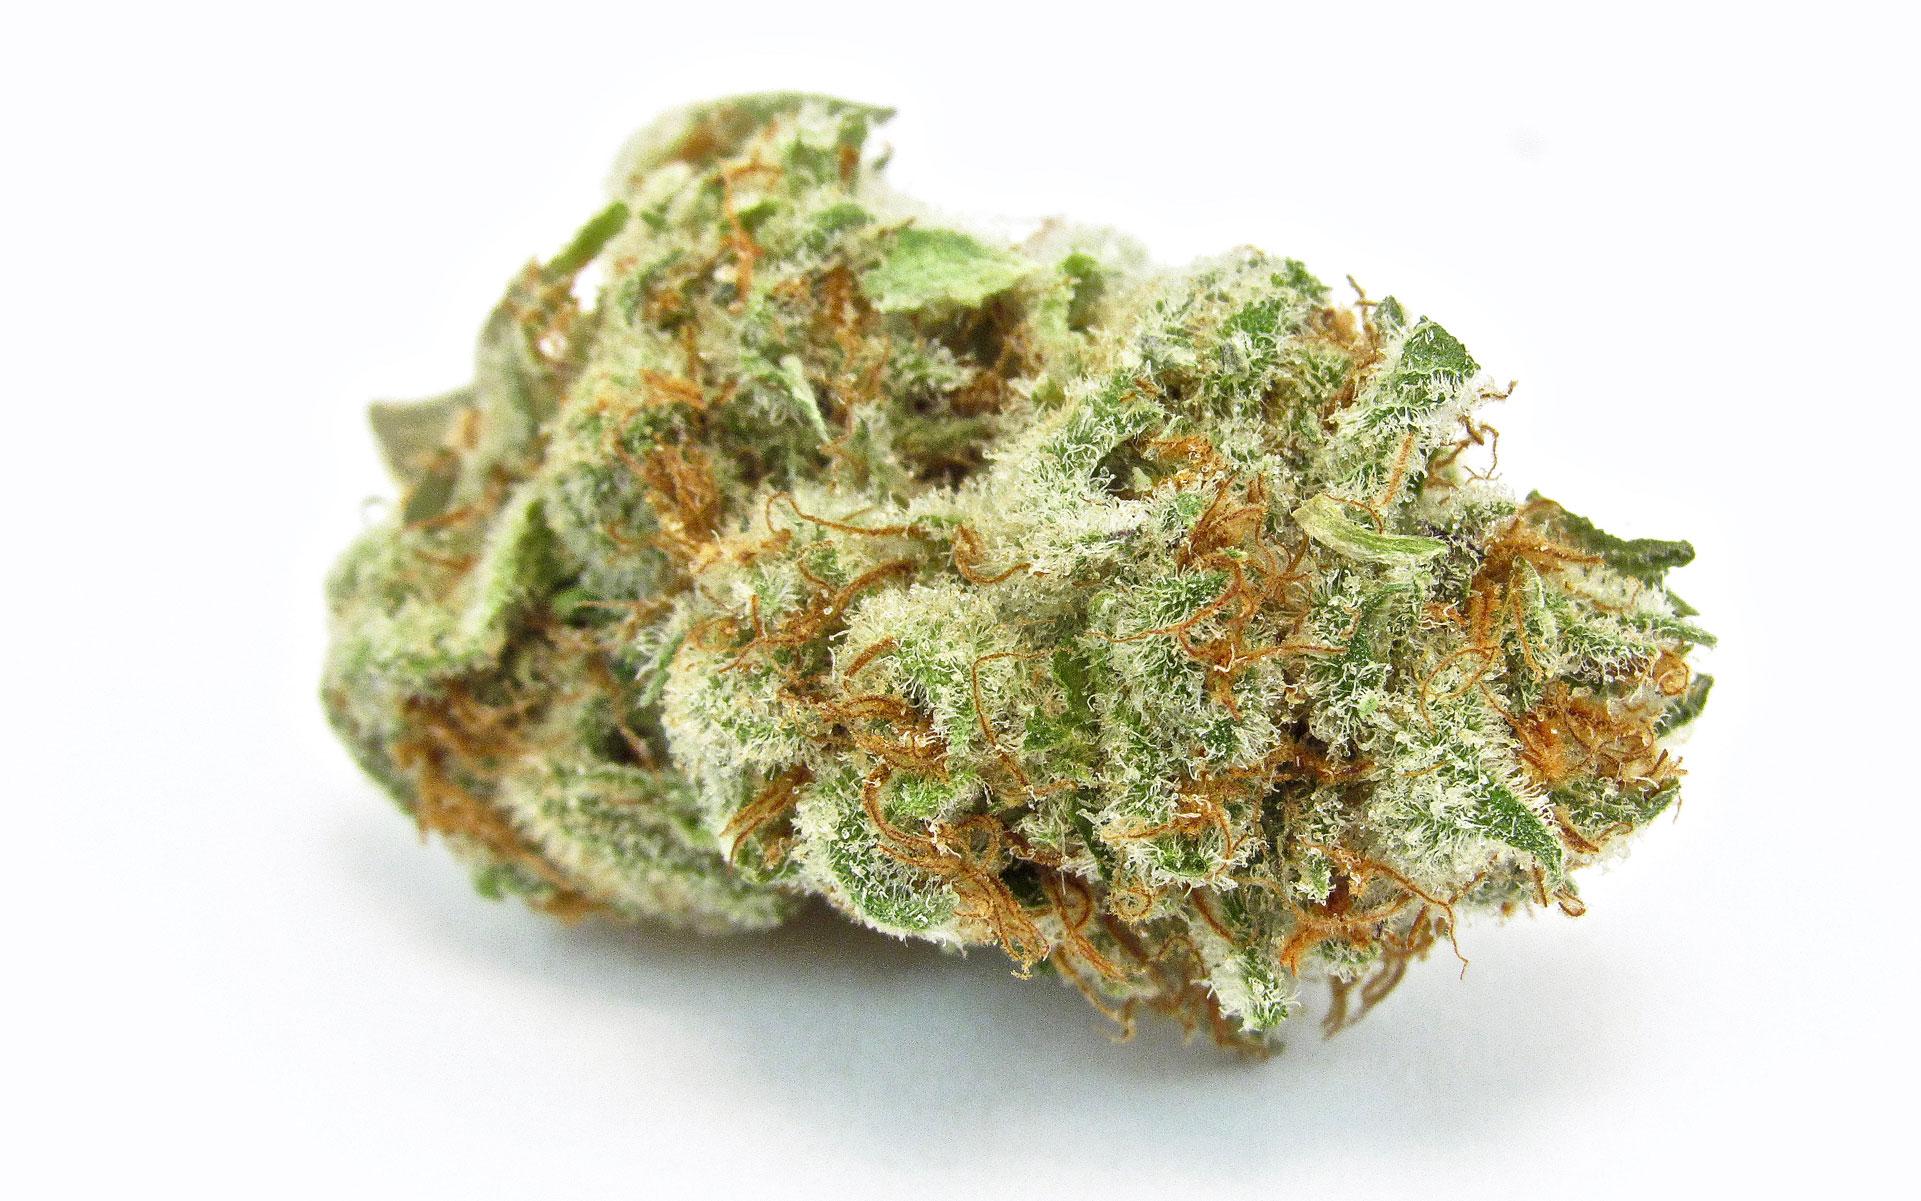 Best new marijuana strains - Banana Punch